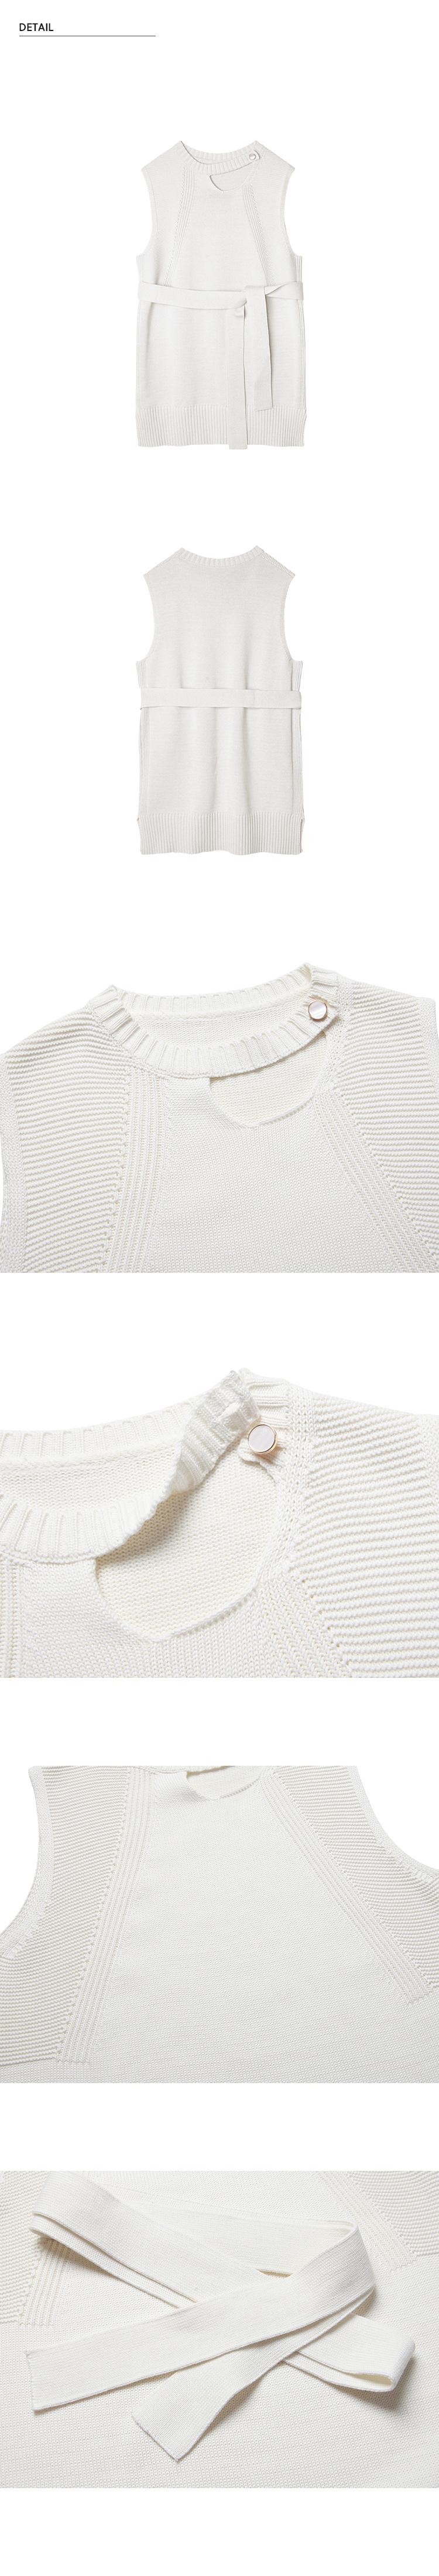 몬츠(MONTS) 861 choker vest knit (ivory)